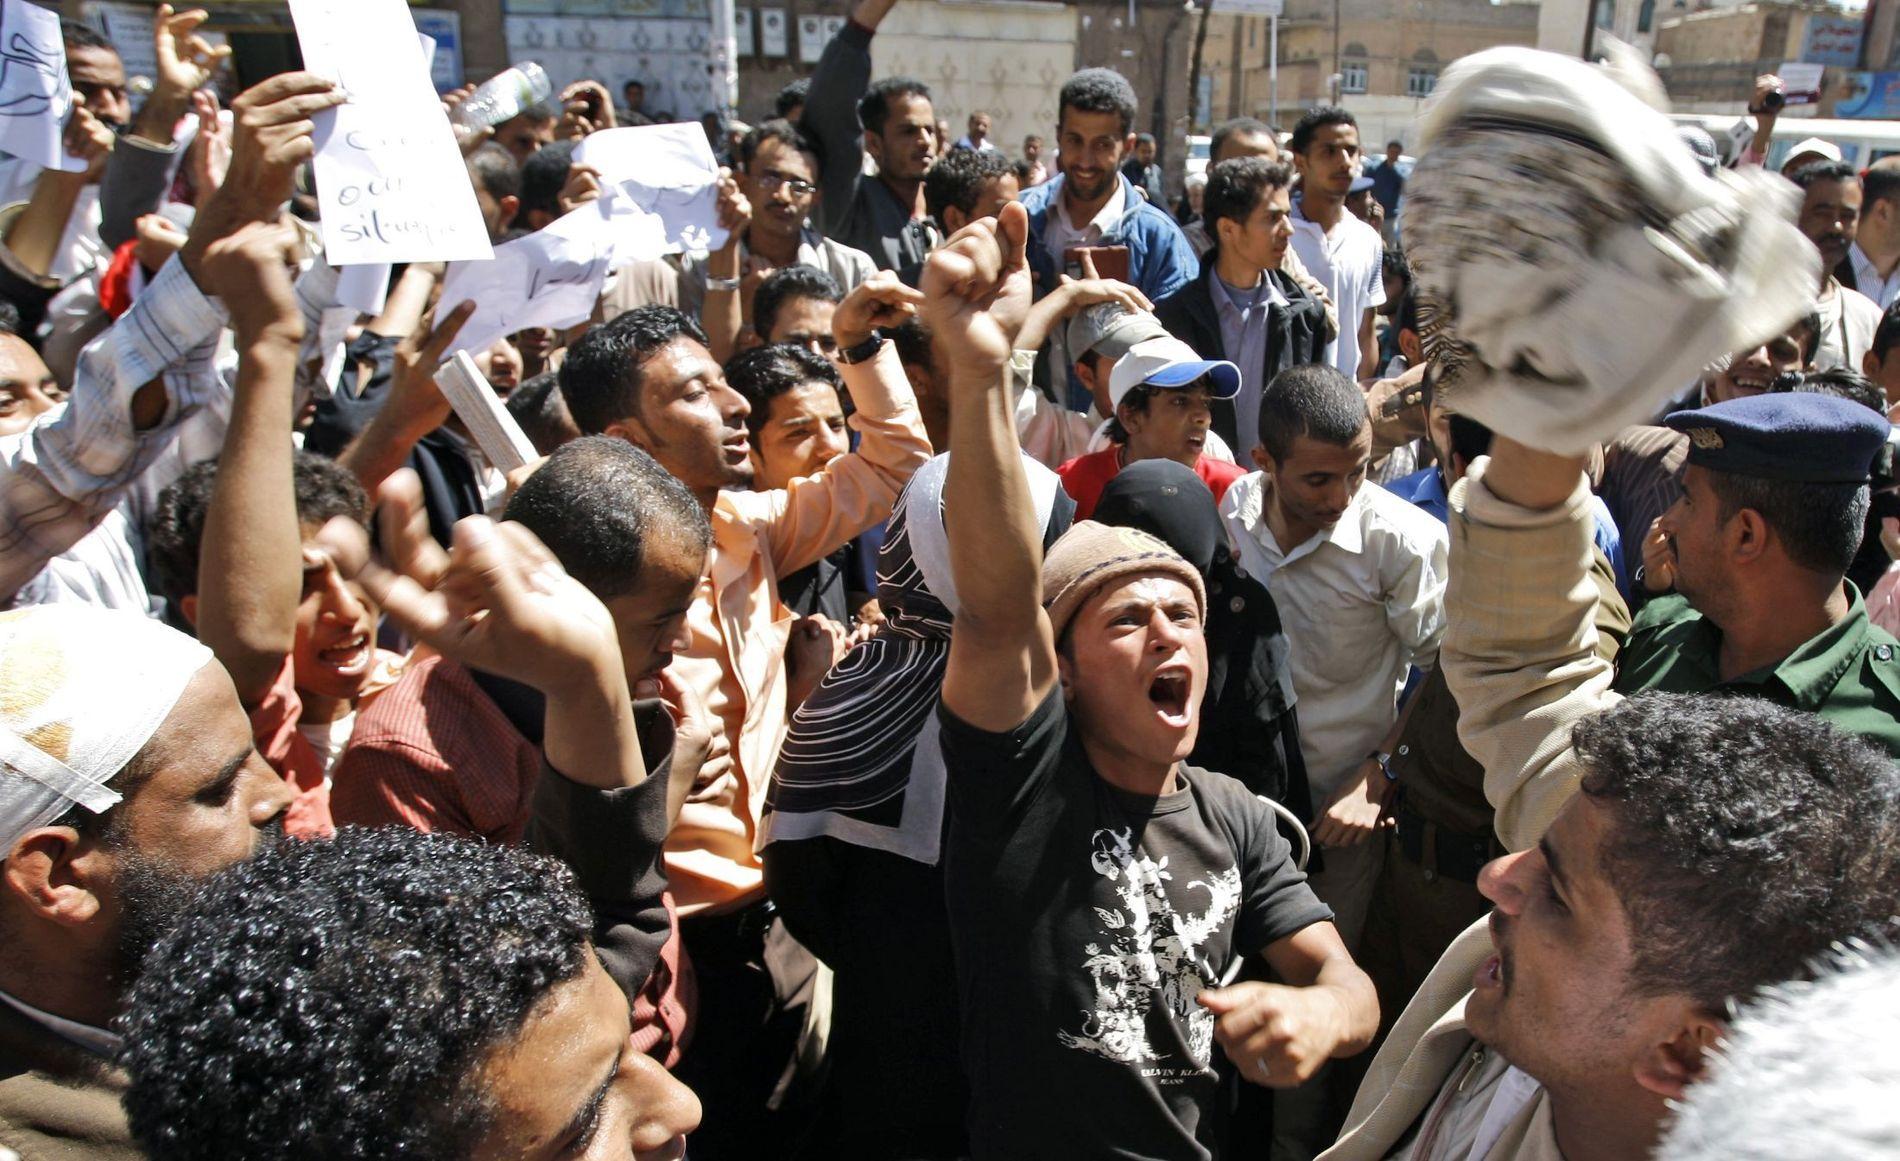 KRISE: Eksperter frykter at problemene i Midt-Østen og Nord-Afrika kan spres og bli betydelig verre. Her fra en demonstrasjon i Yemen.